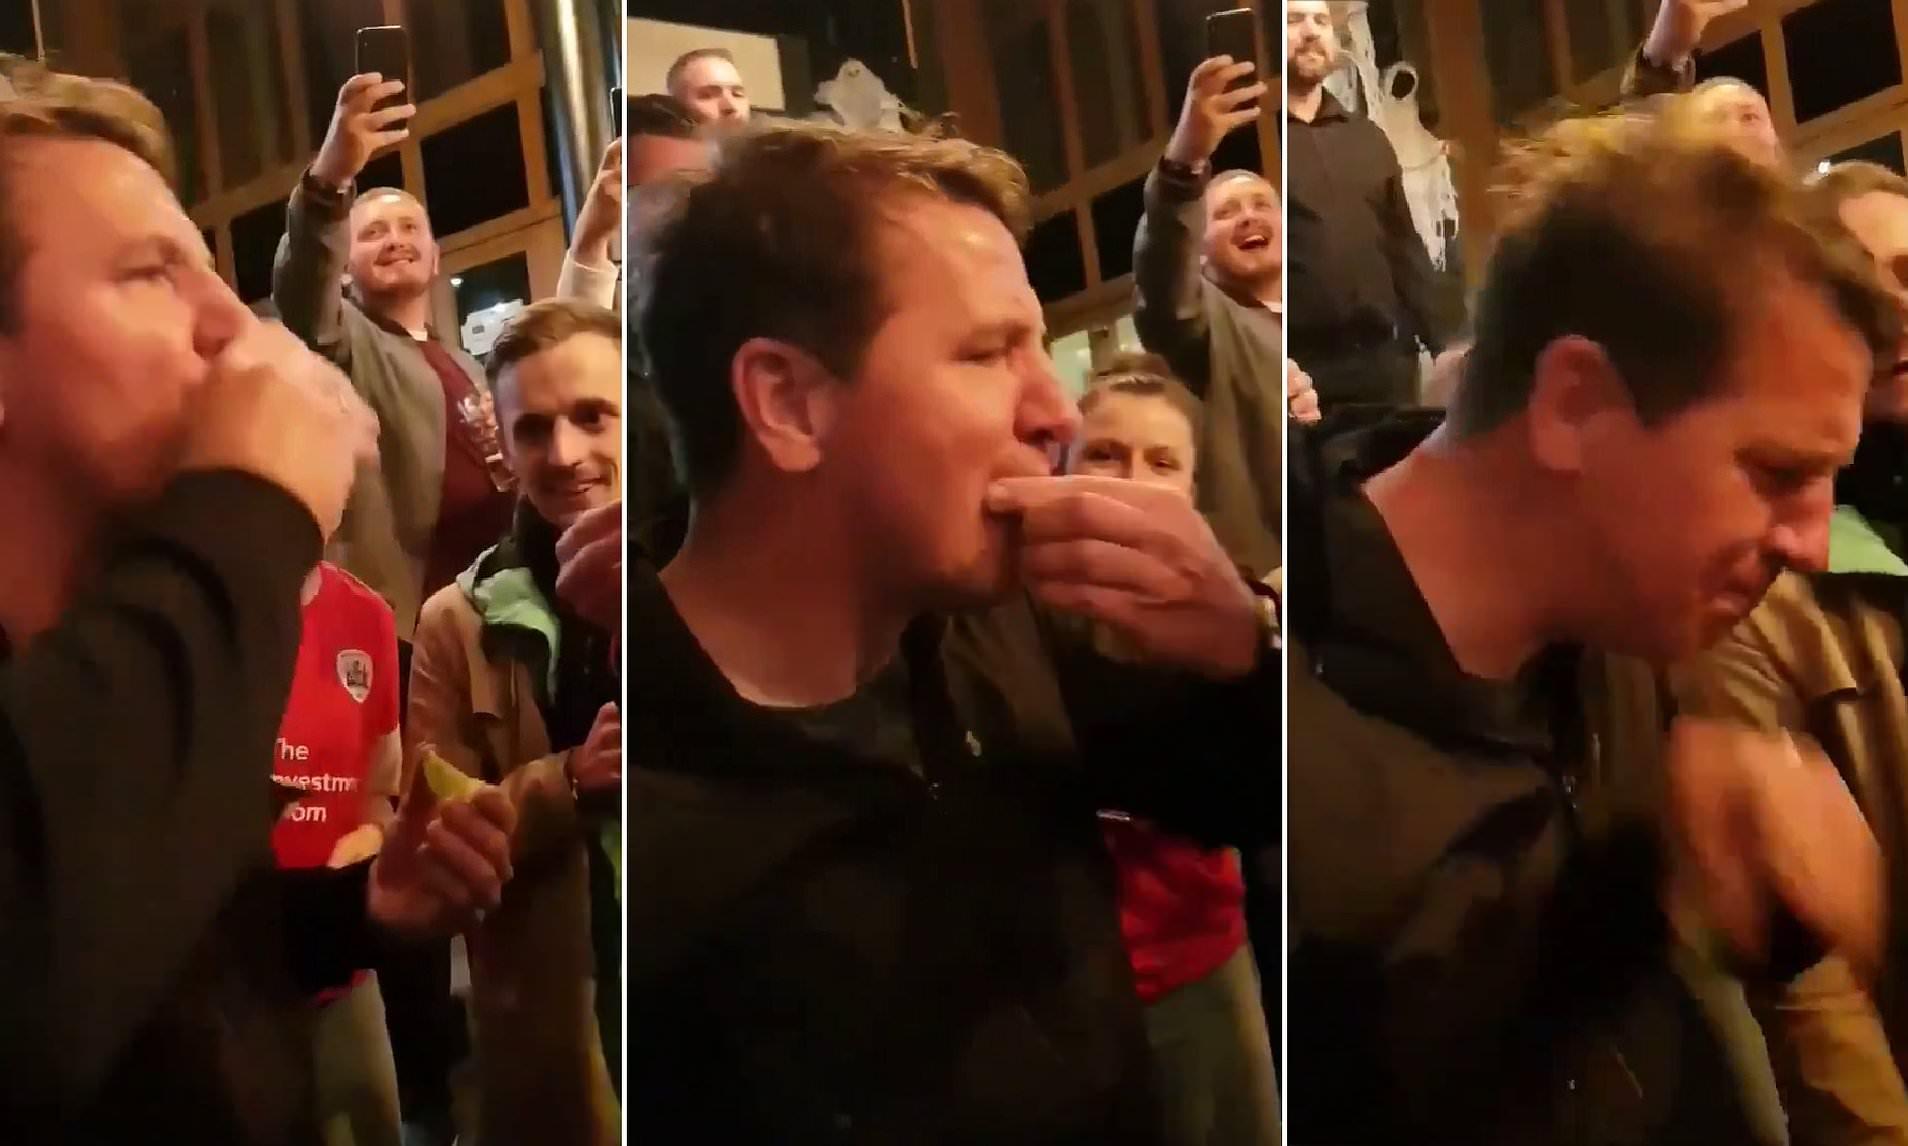 İstefasını azarkeşlərlə içki içərək qeyd etdi - VİDEO